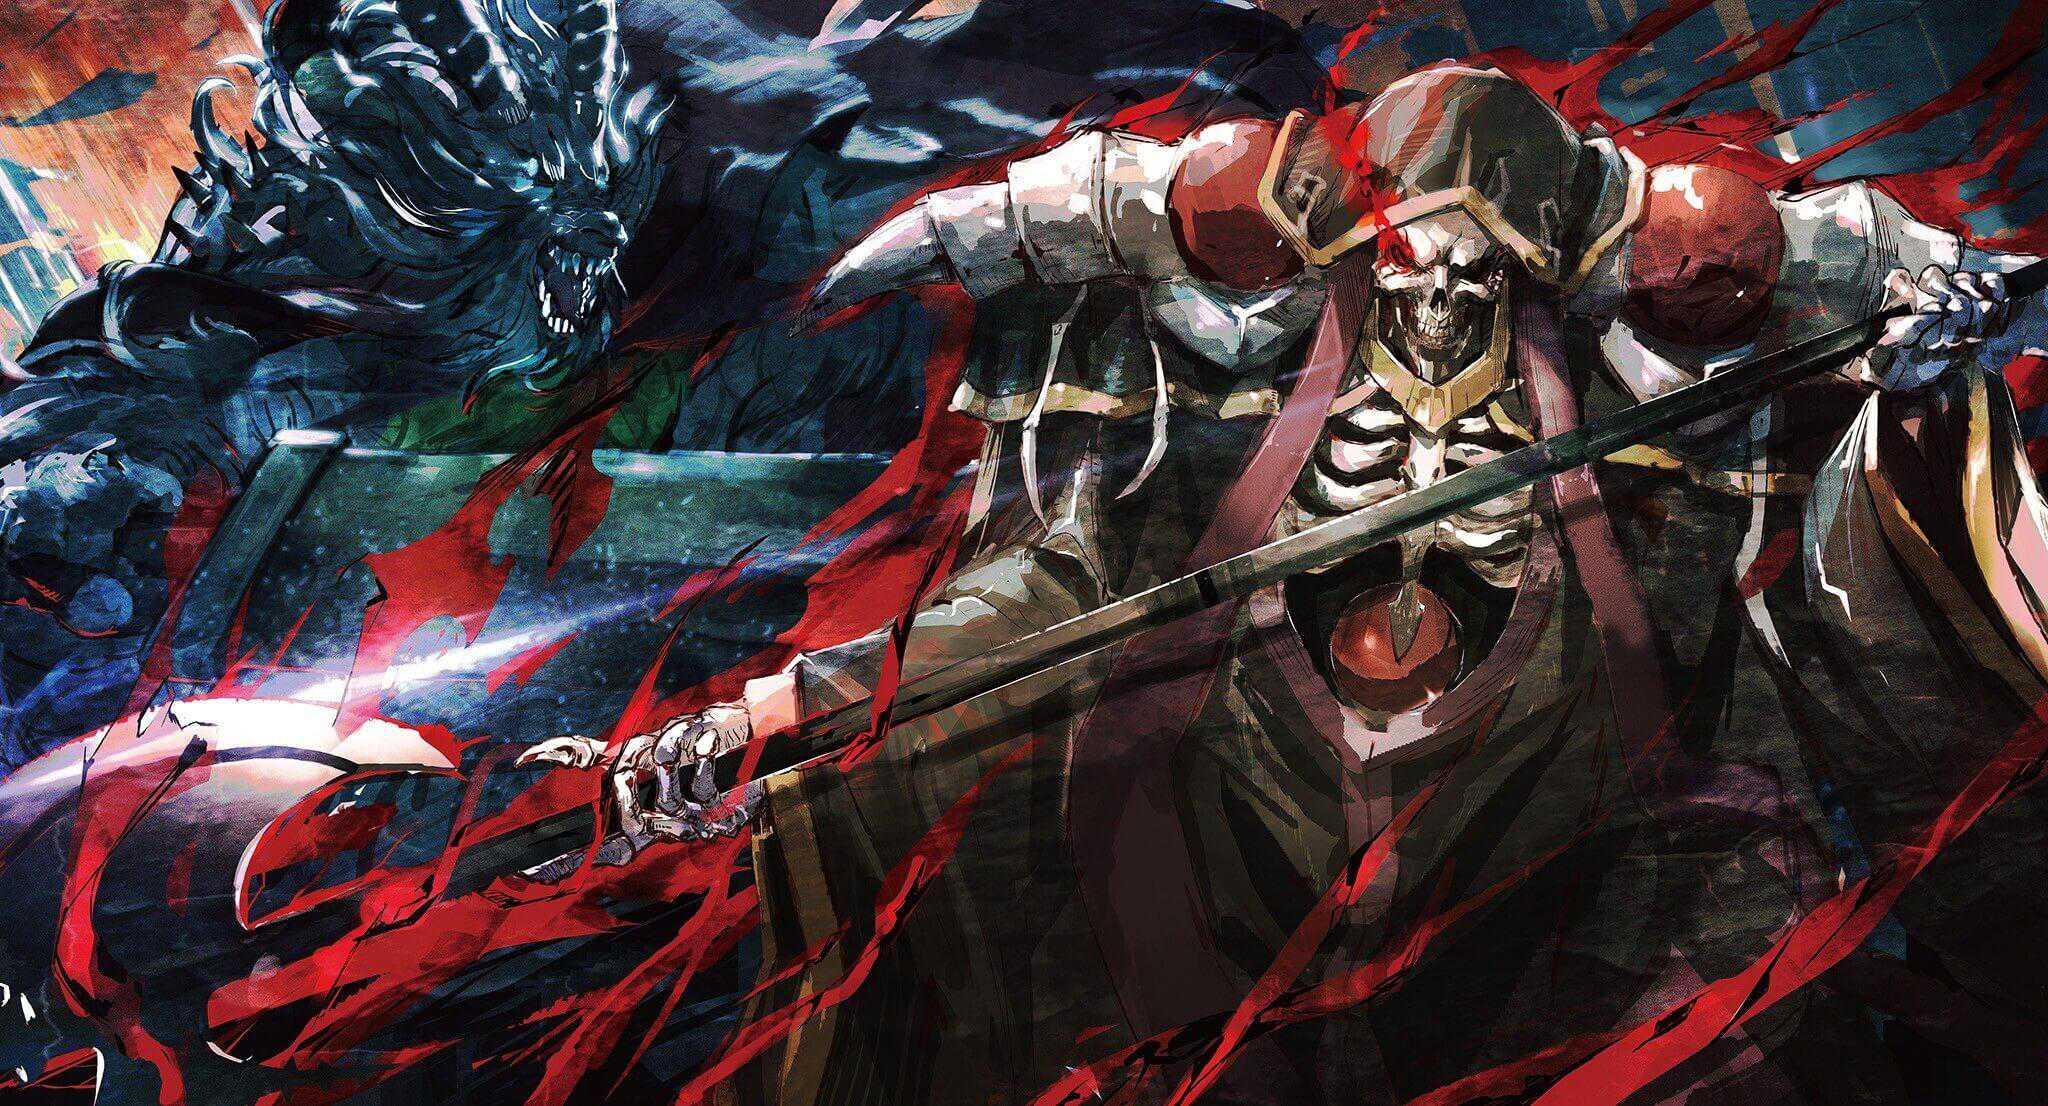 Momonga de Overlord, com uma arma